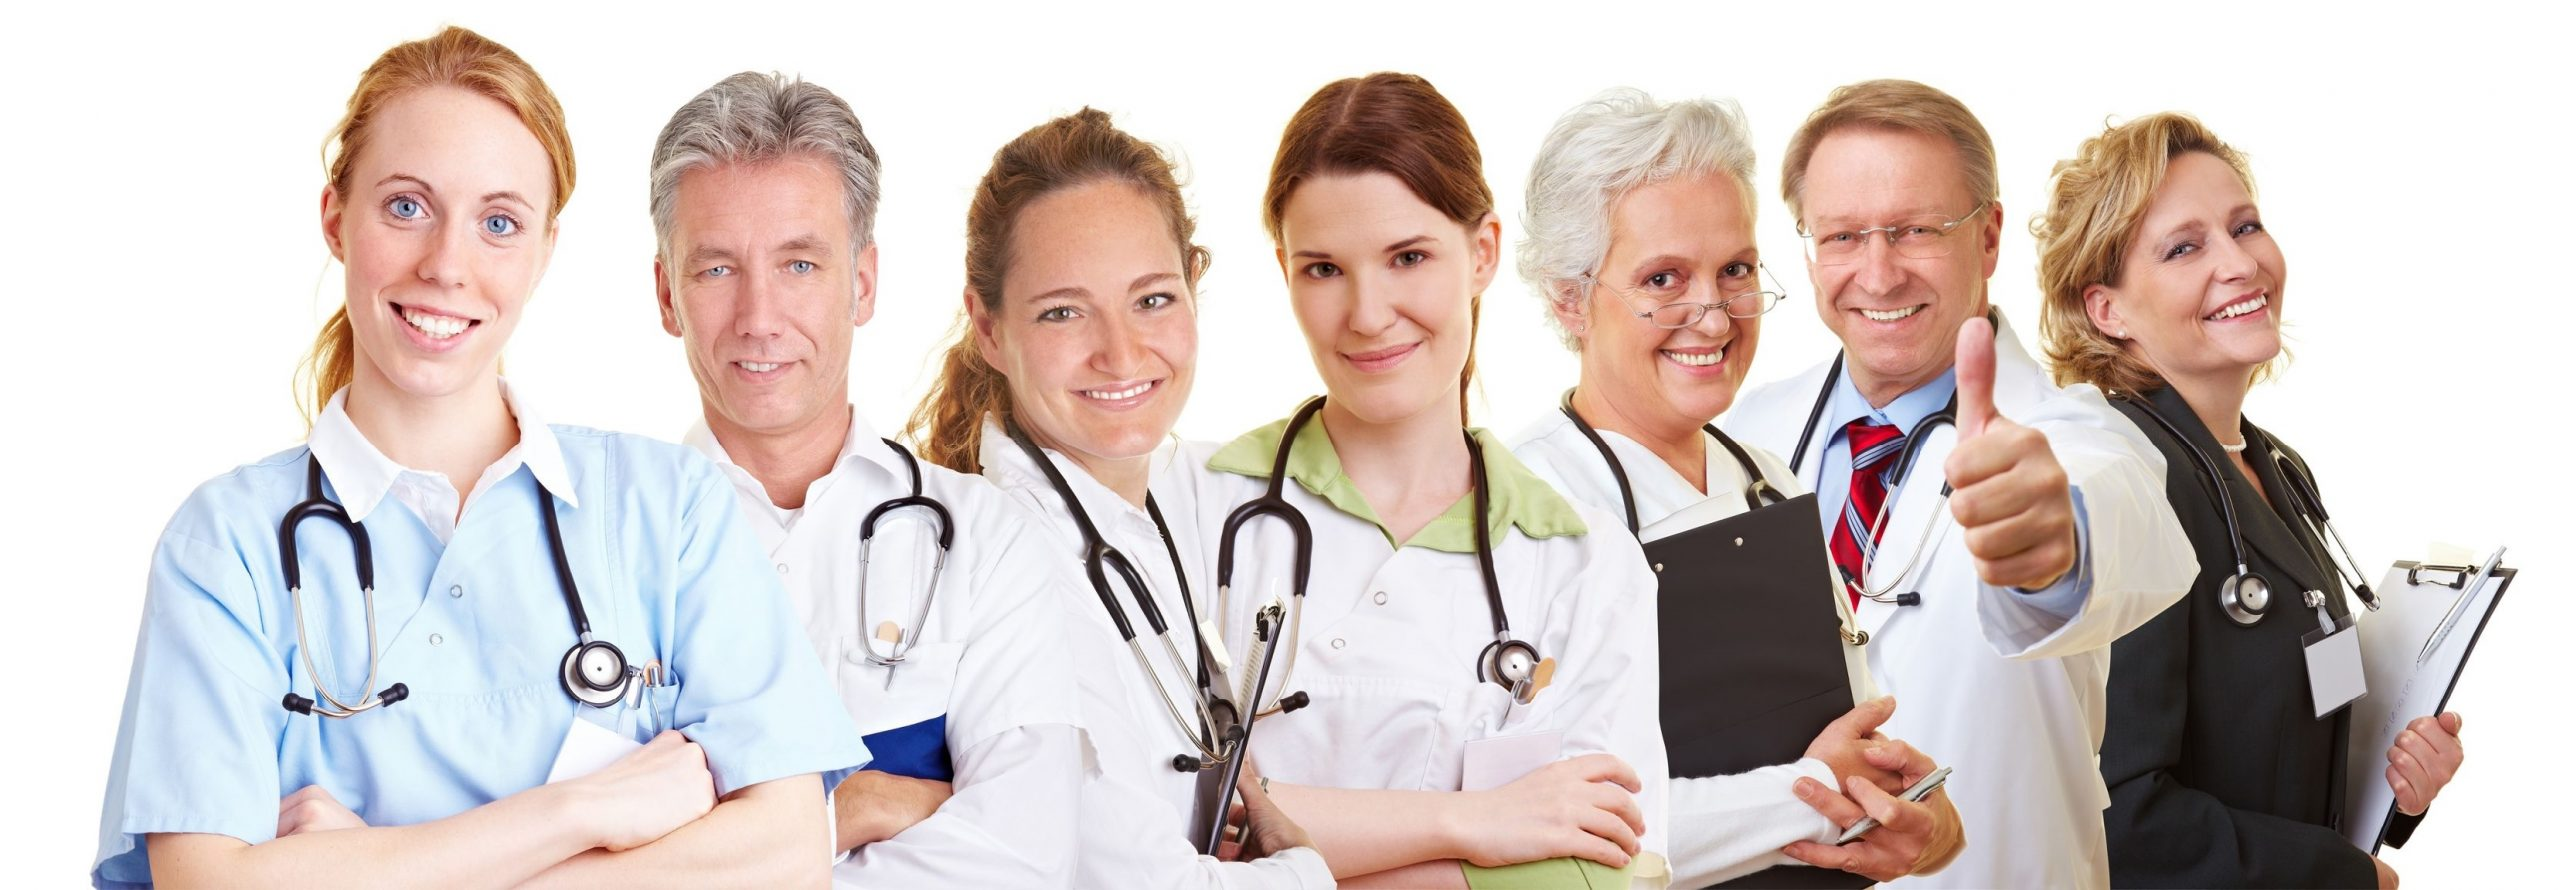 Arbeitsschutz, Gesundheitsschutz, iso 45001